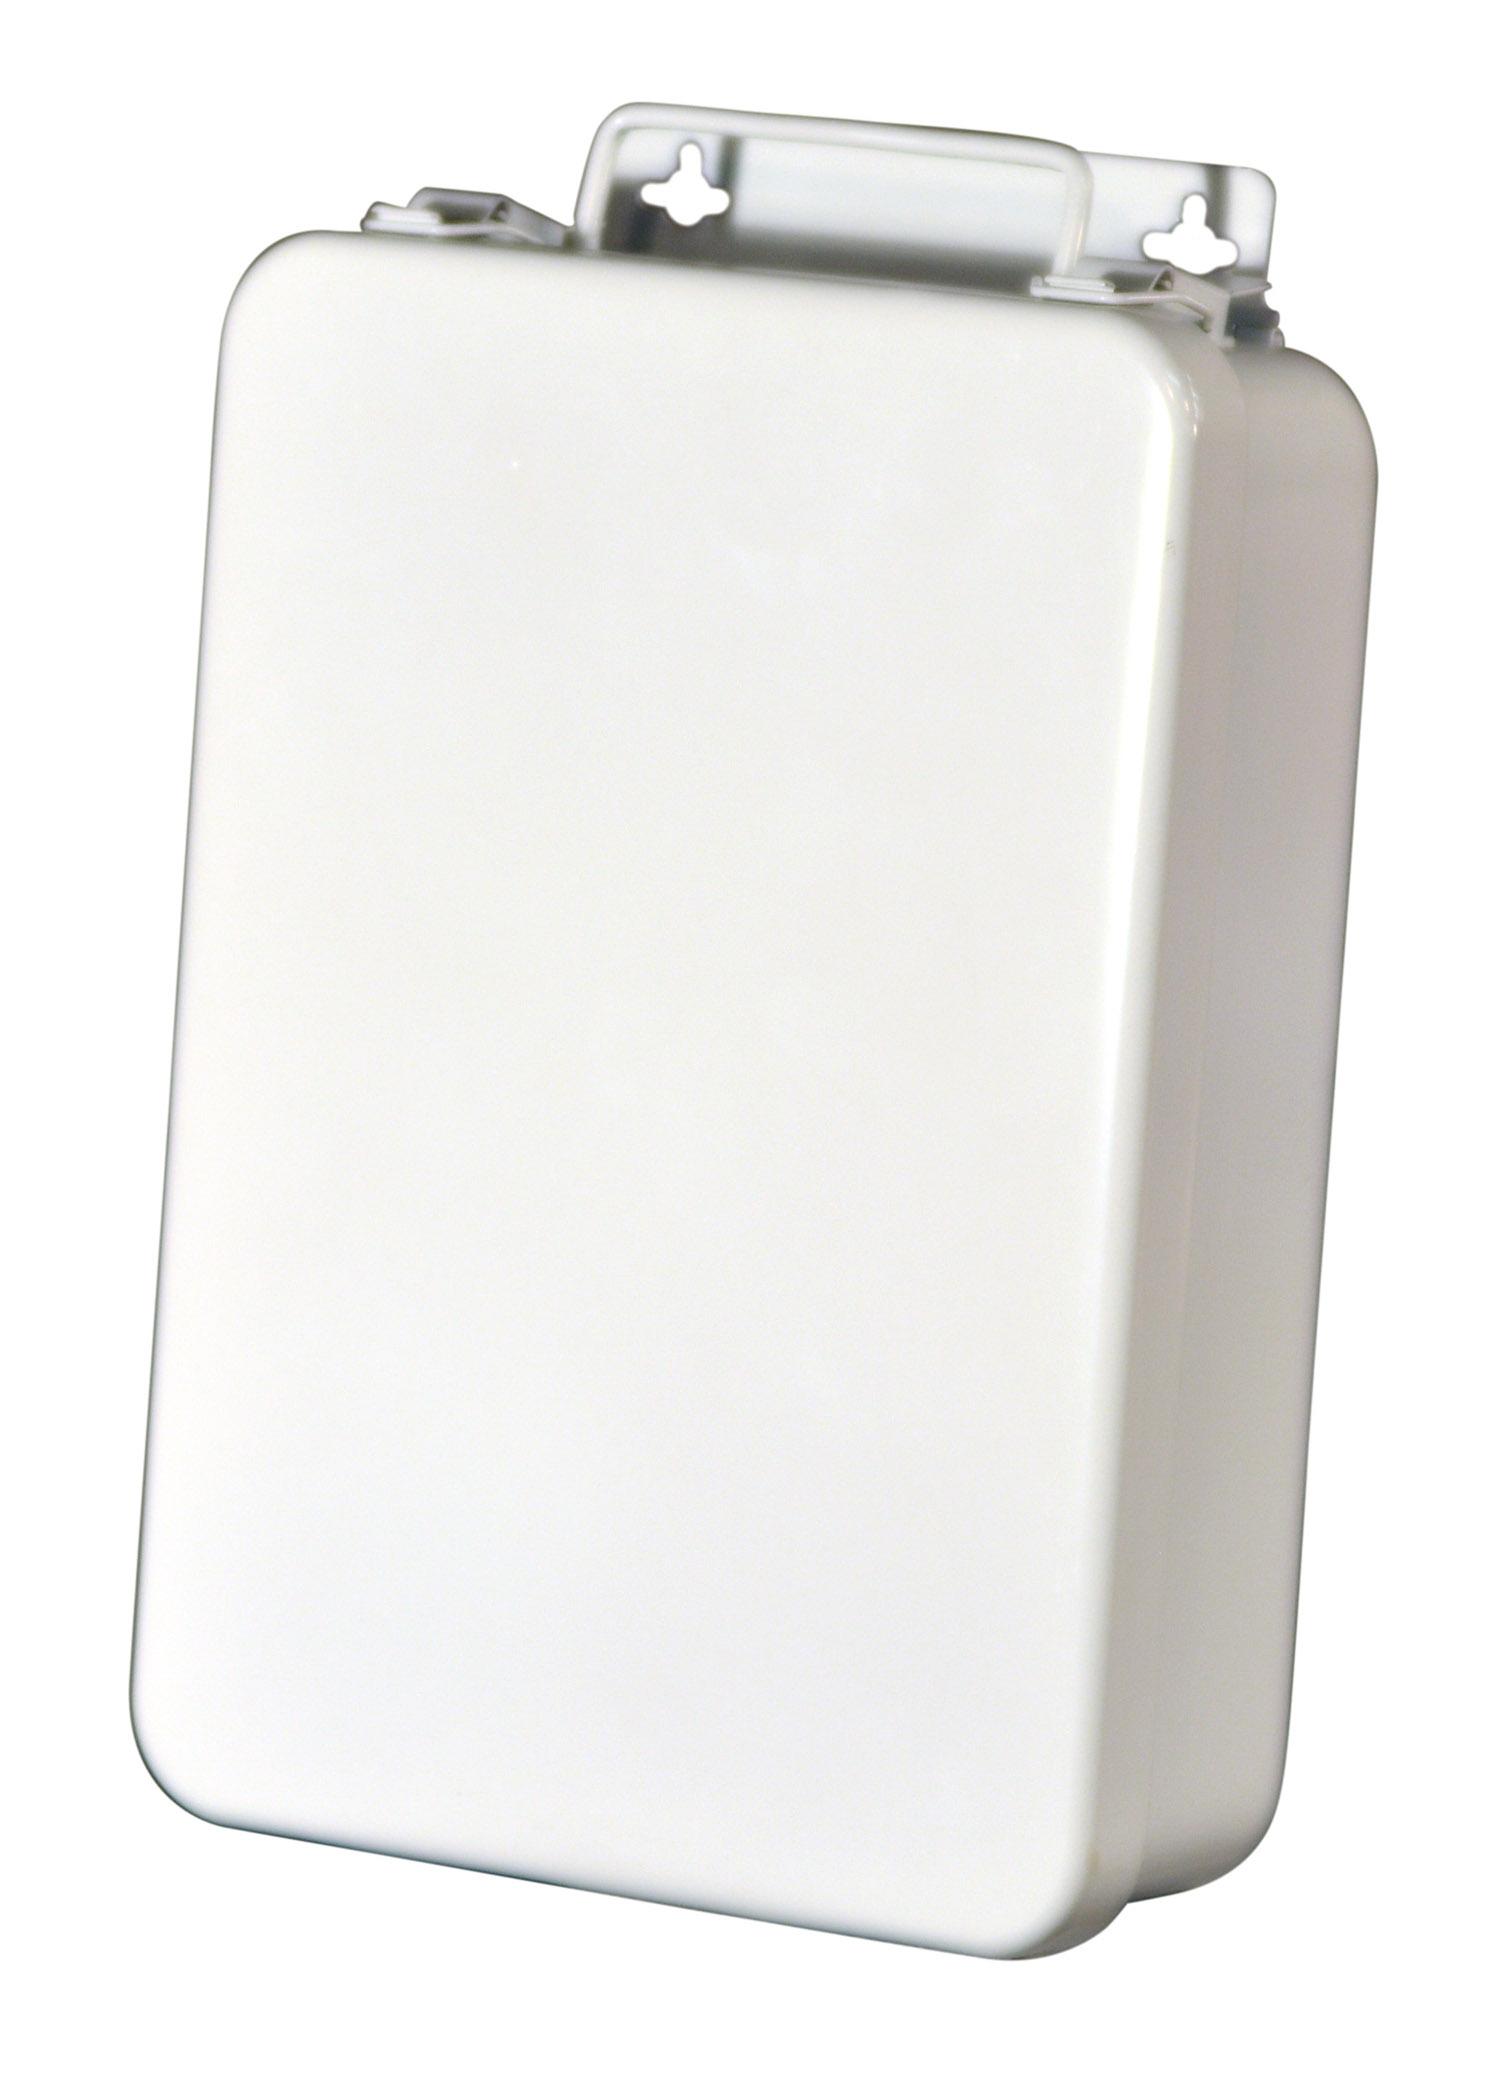 R209-025 --- 16M - Empty - Metal White - web